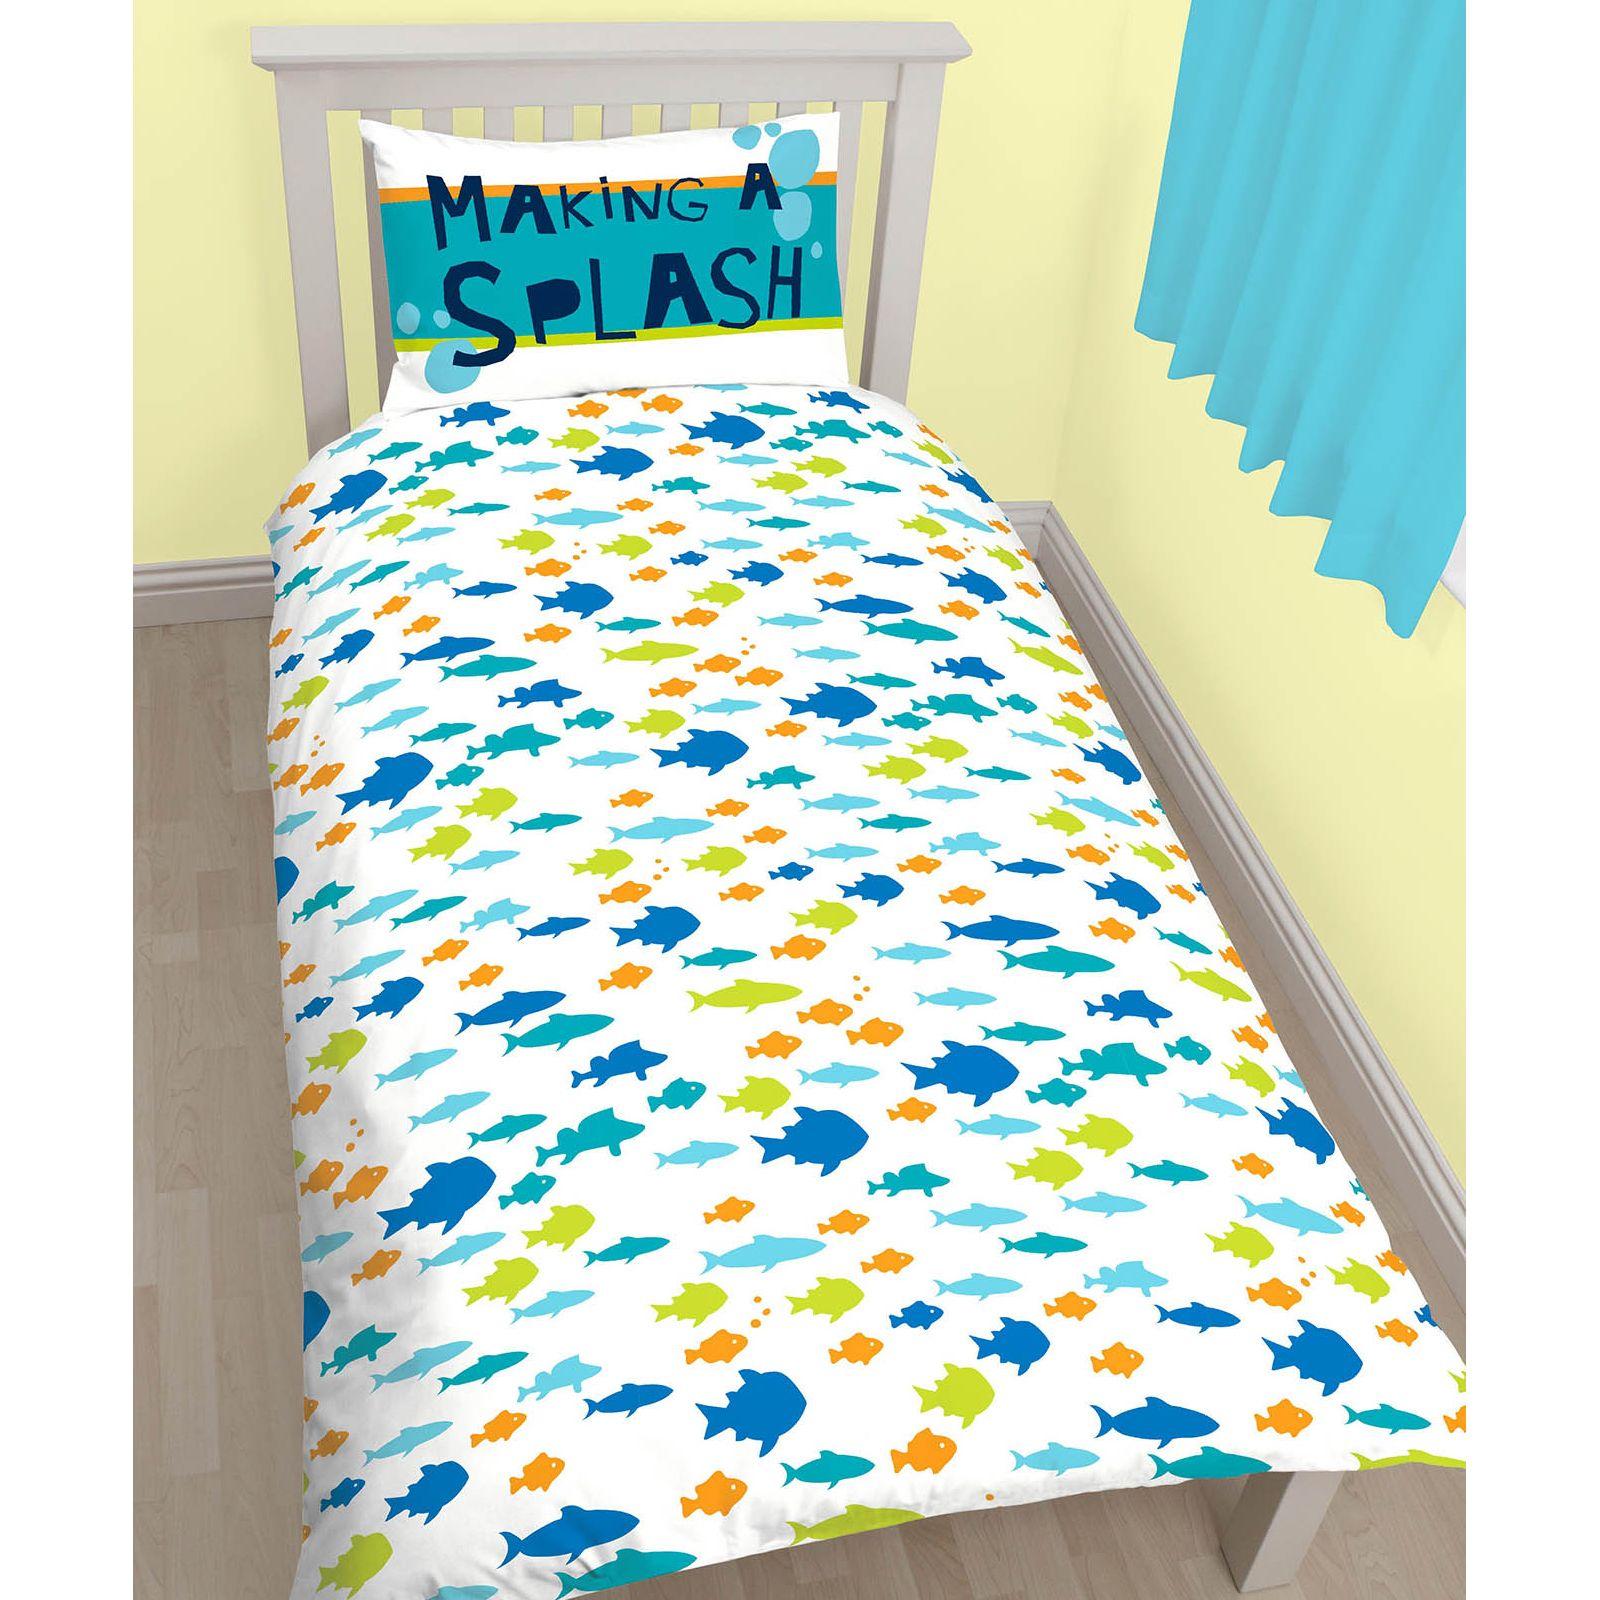 Trovando nemo dory set copripiumino singolo biancheria da letto bambini nuovo ebay - Biancheria da letto bambini ...